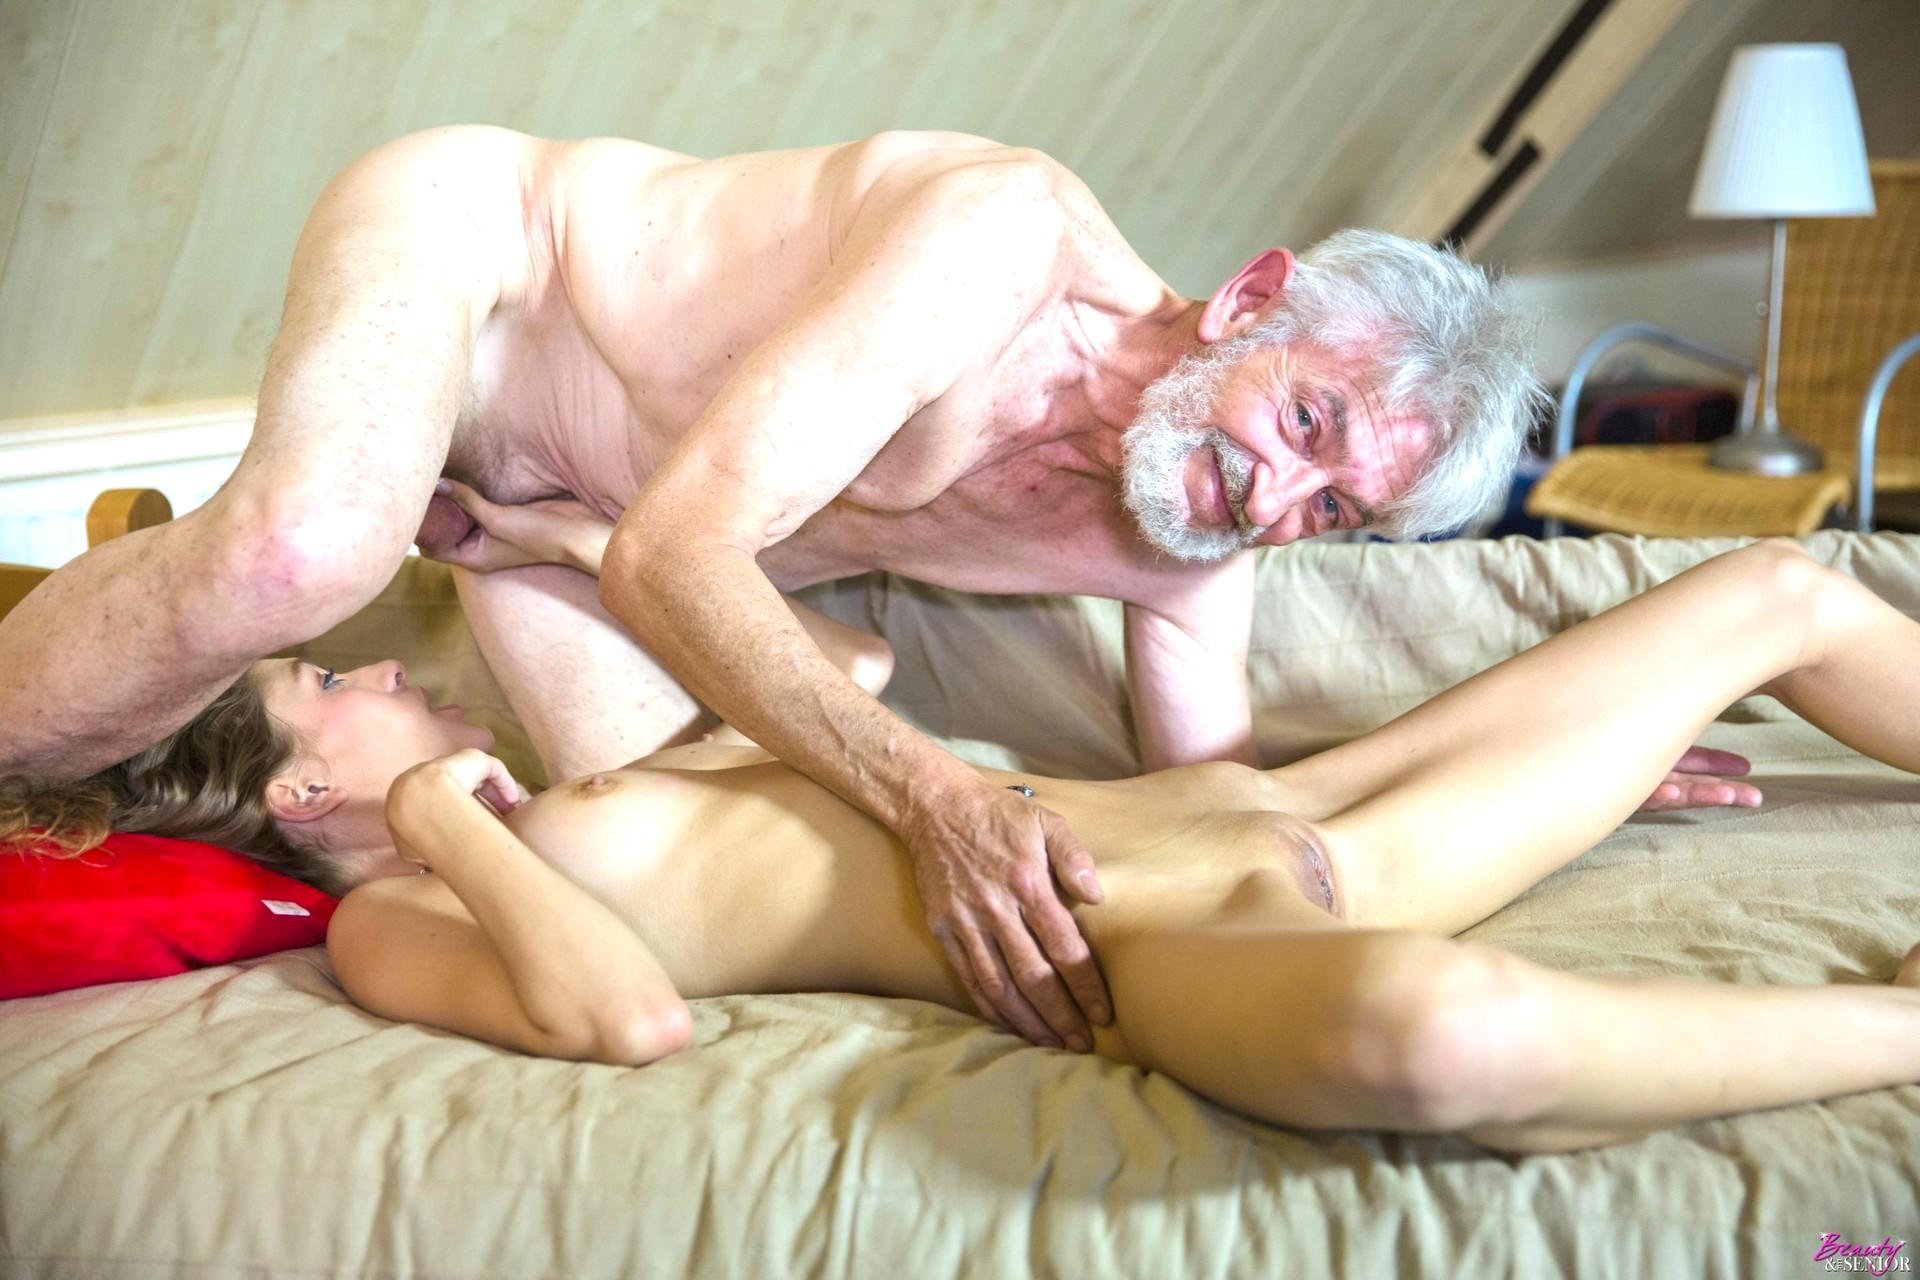 что эротик секс вес мира старика самый лучший если будут